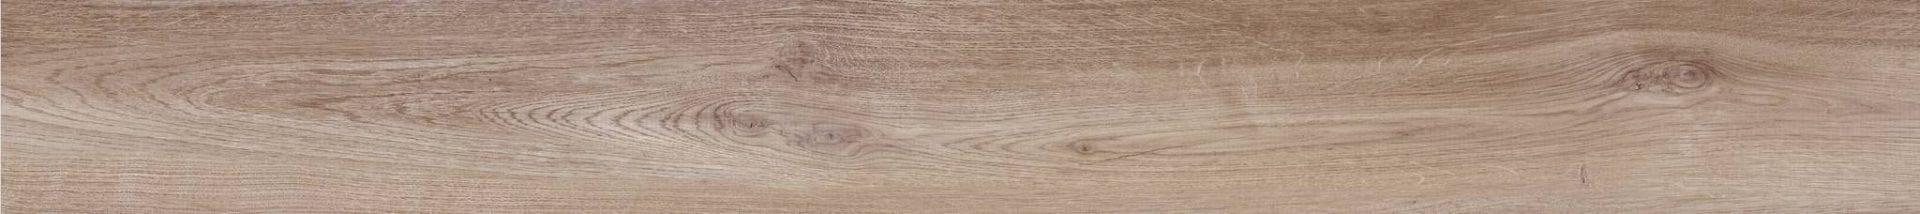 Porcelánico imitación madera CANOVA ROBLE 20X180 Rectificado